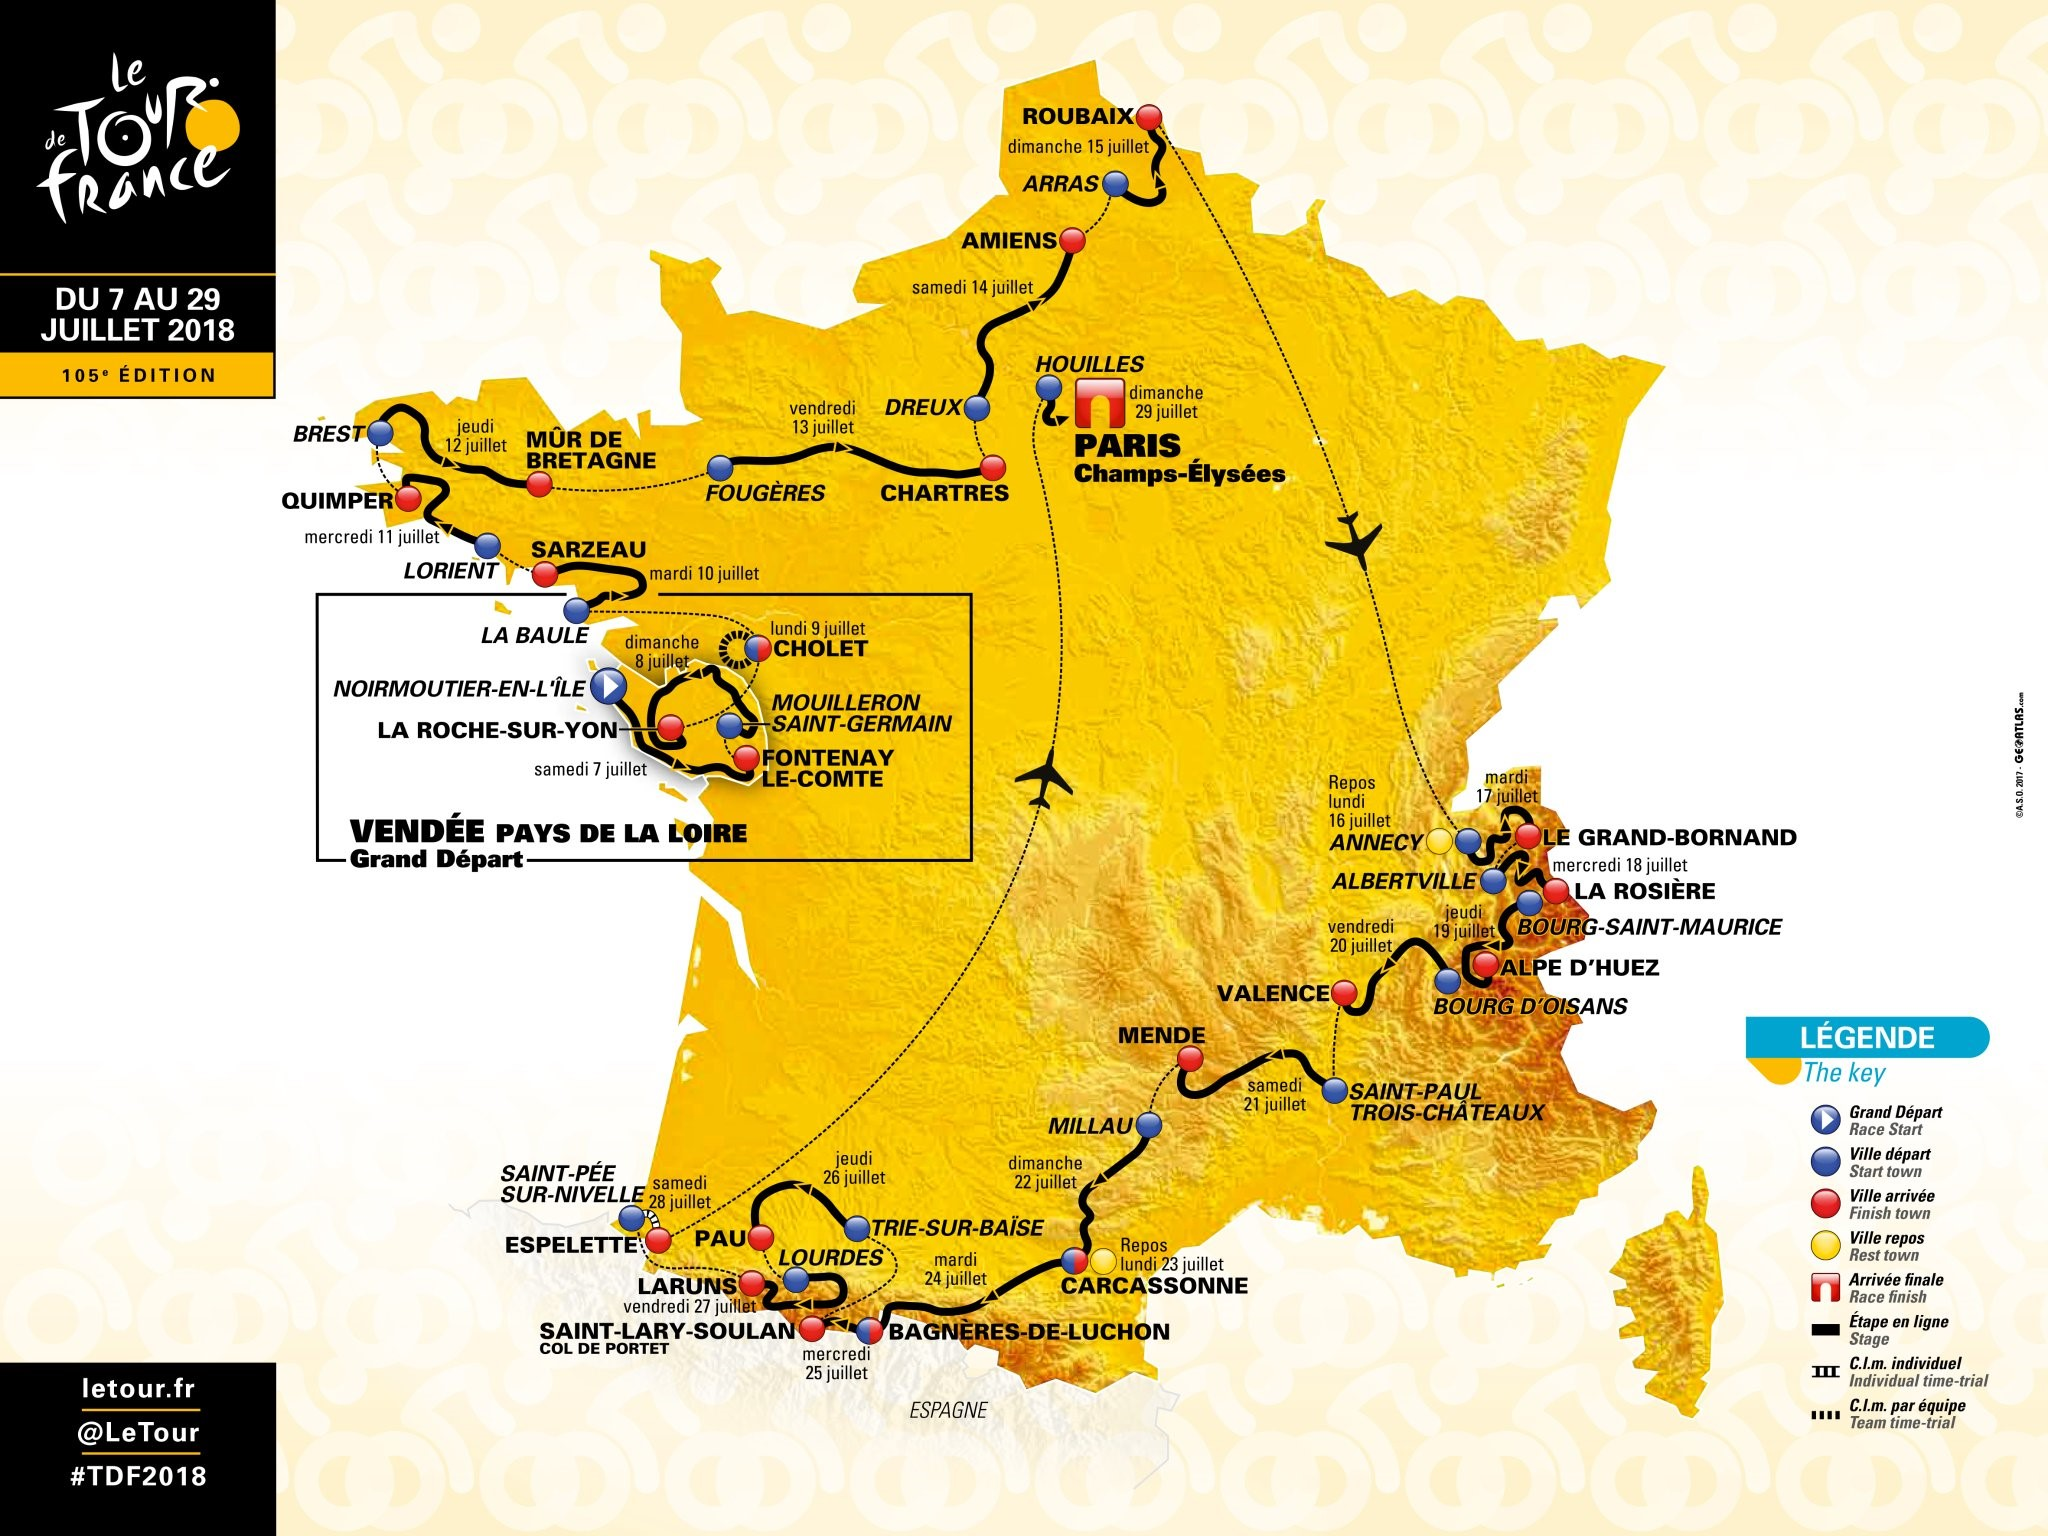 La carte du Tour de France 2018